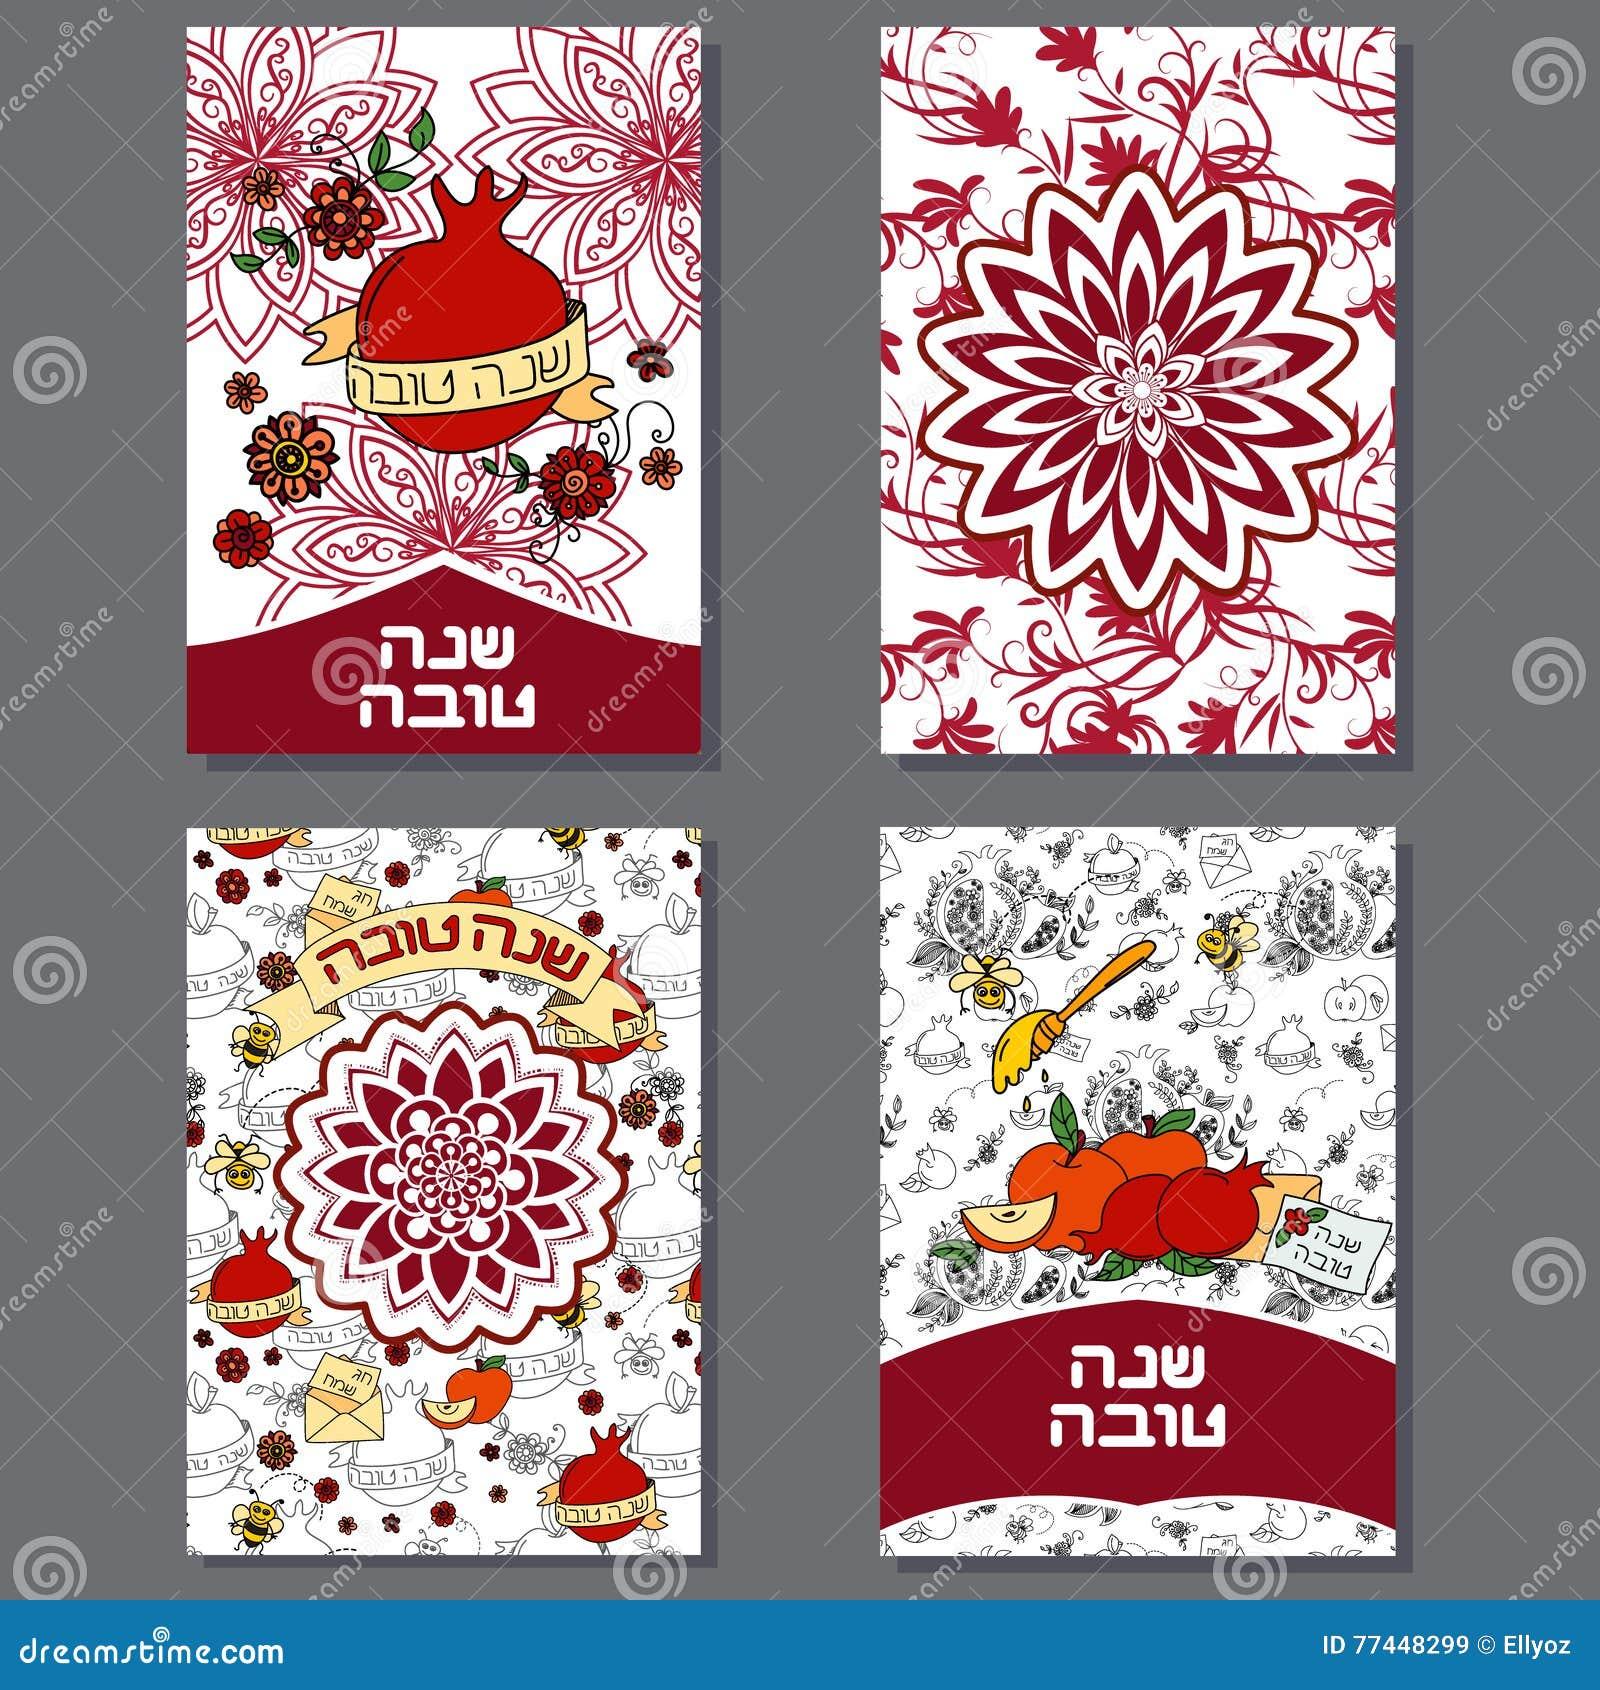 Rosh hashanah jewish new year greeting cards set stock vector rosh hashanah jewish new year greeting cards set glass card royalty free vector m4hsunfo